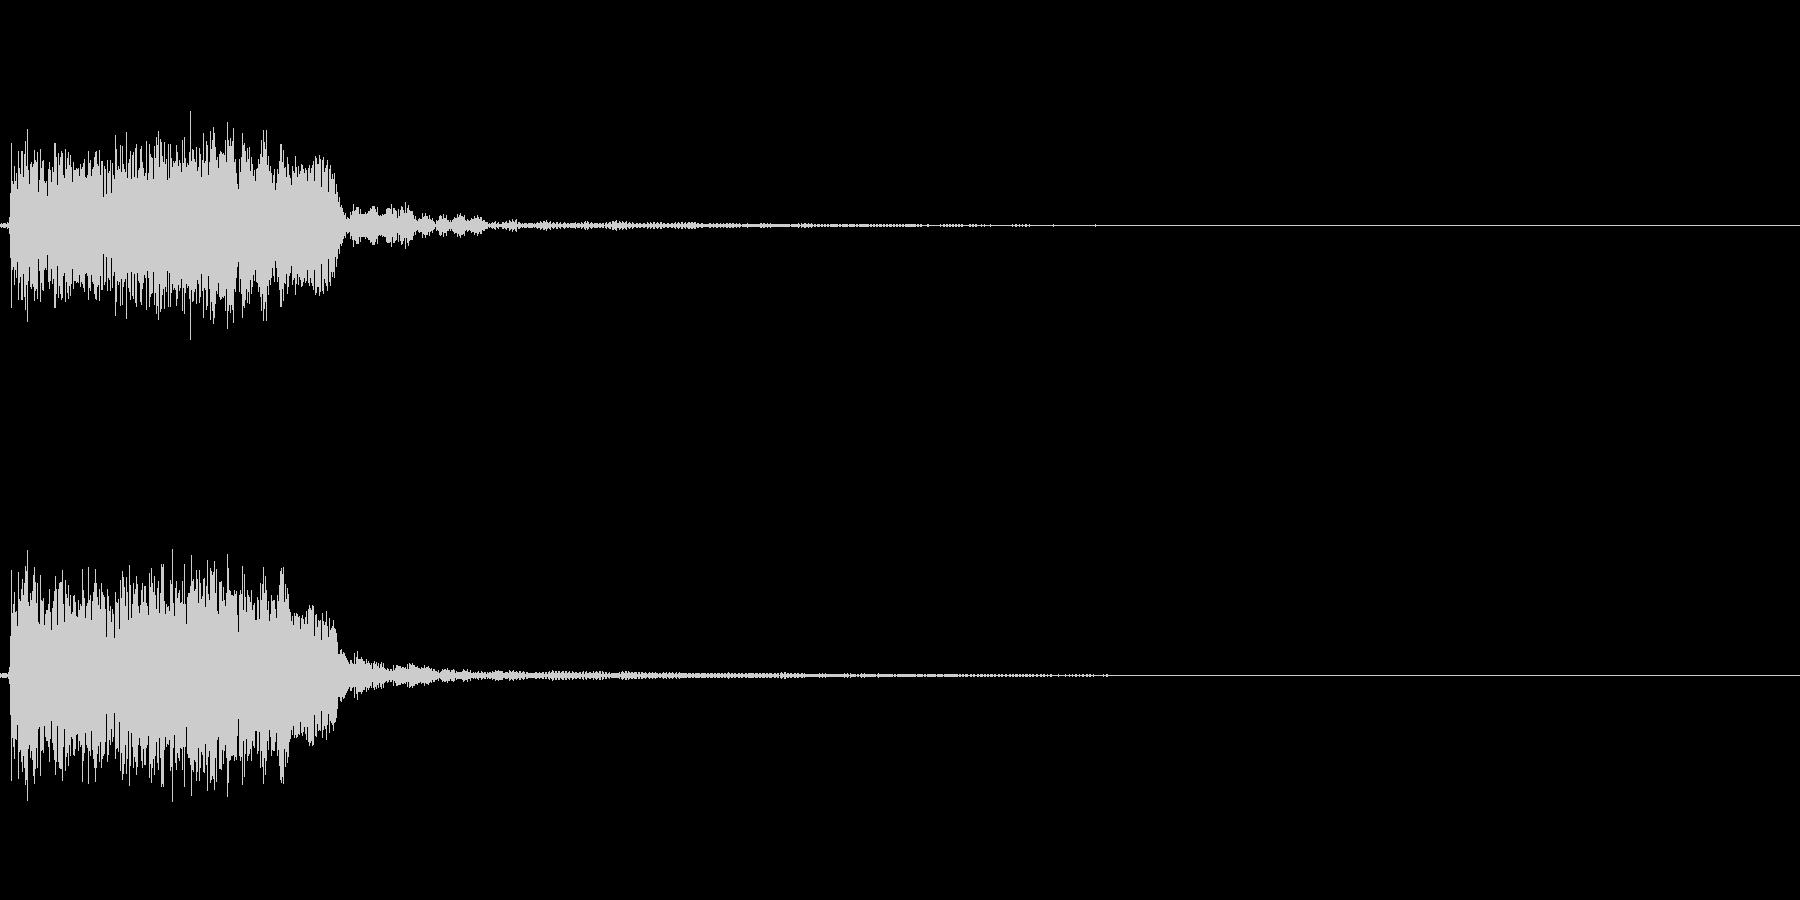 【システム音セット01-ポップダウン】の未再生の波形